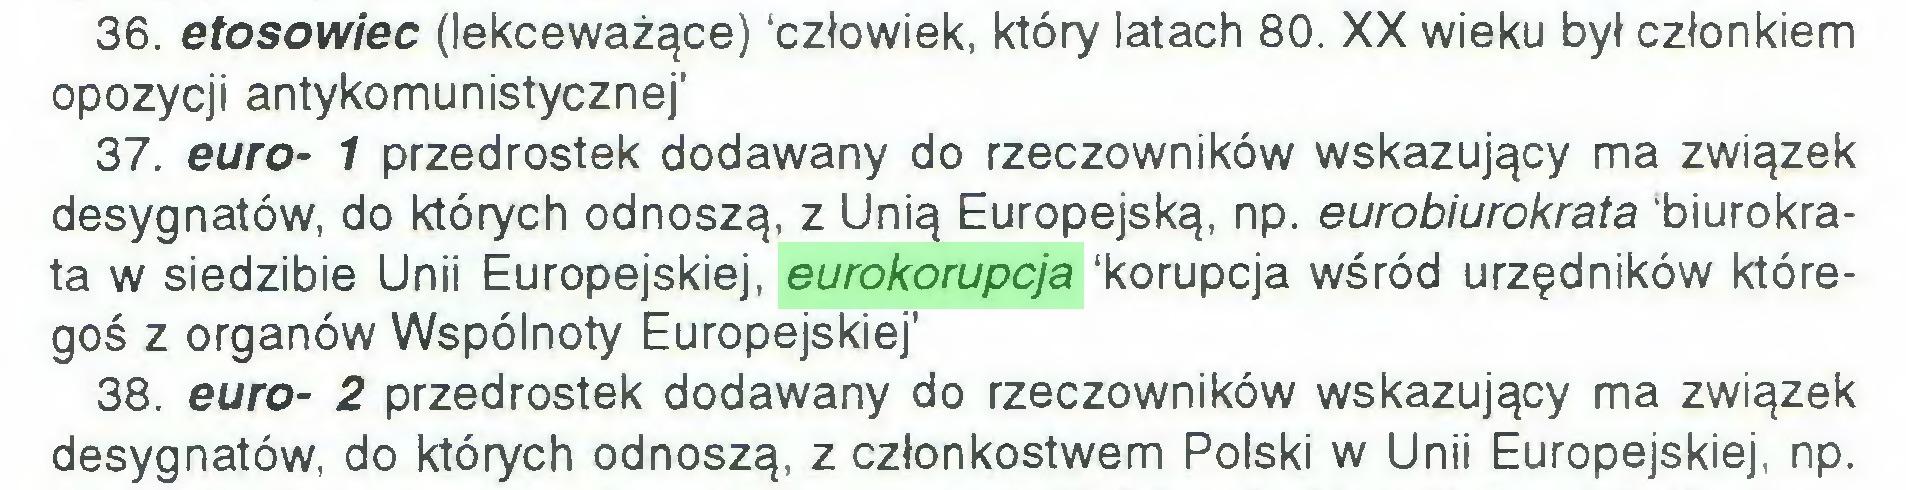 (...) 36. etosowiec (lekceważące) 'człowiek, który latach 80. XX wieku był członkiem opozycji antykomunistycznej' 37. euro- 1 przedrostek dodawany do rzeczowników wskazujący ma związek desygnatów, do których odnoszą, z Unią Europejską, np. eurobiurokrata 'biurokrata w siedzibie Unii Europejskiej, eurokorupcja 'korupcja wśród urzędników któregoś z organów Wspólnoty Europejskiej' 38. euro- 2 przedrostek dodawany do rzeczowników wskazujący ma związek desygnatów, do których odnoszą, z członkostwem Polski w Unii Europejskiej, np...